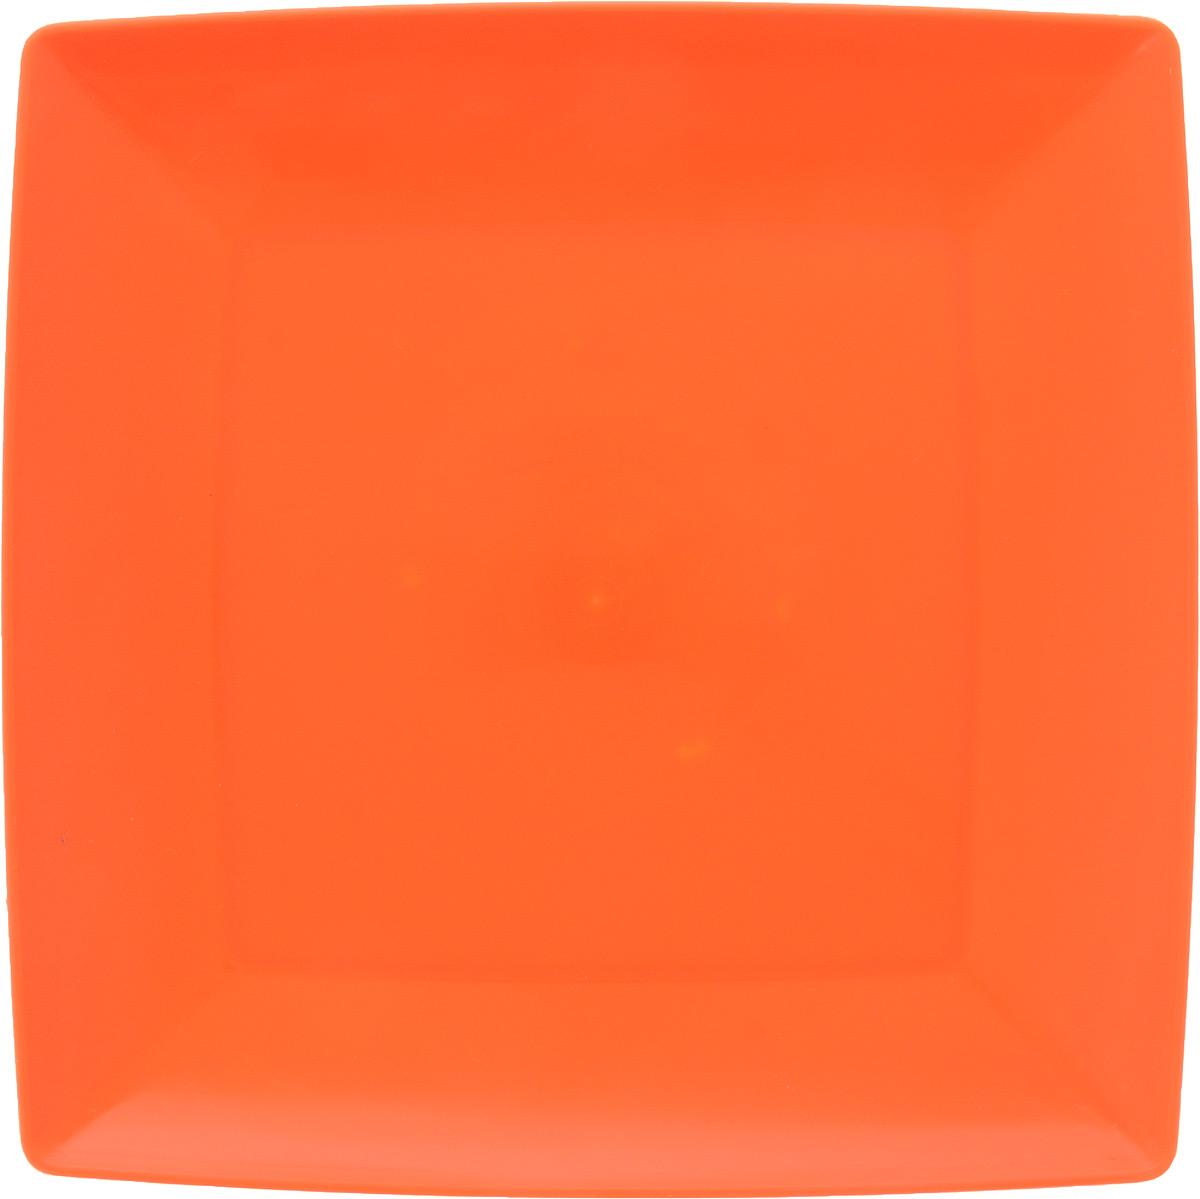 Тарелка Gotoff, цвет: оранжевый, 23,5 х 23,5 см54 009312Квадратная тарелка Gotoff выполнена из прочного пищевого полипропилена. Изделие отлично подойдет как для холодных, так и для горячих блюд. Его удобно использовать дома или на даче, брать с собой на пикники и в поездки. Отличный вариант для детских праздников. Такая тарелка не разобьется и будет служить вам долгое время.Можно использовать в СВЧ, ставить в морозилку при температуре -25°С и мыть в посудомоечной машине при температуре +95°С.